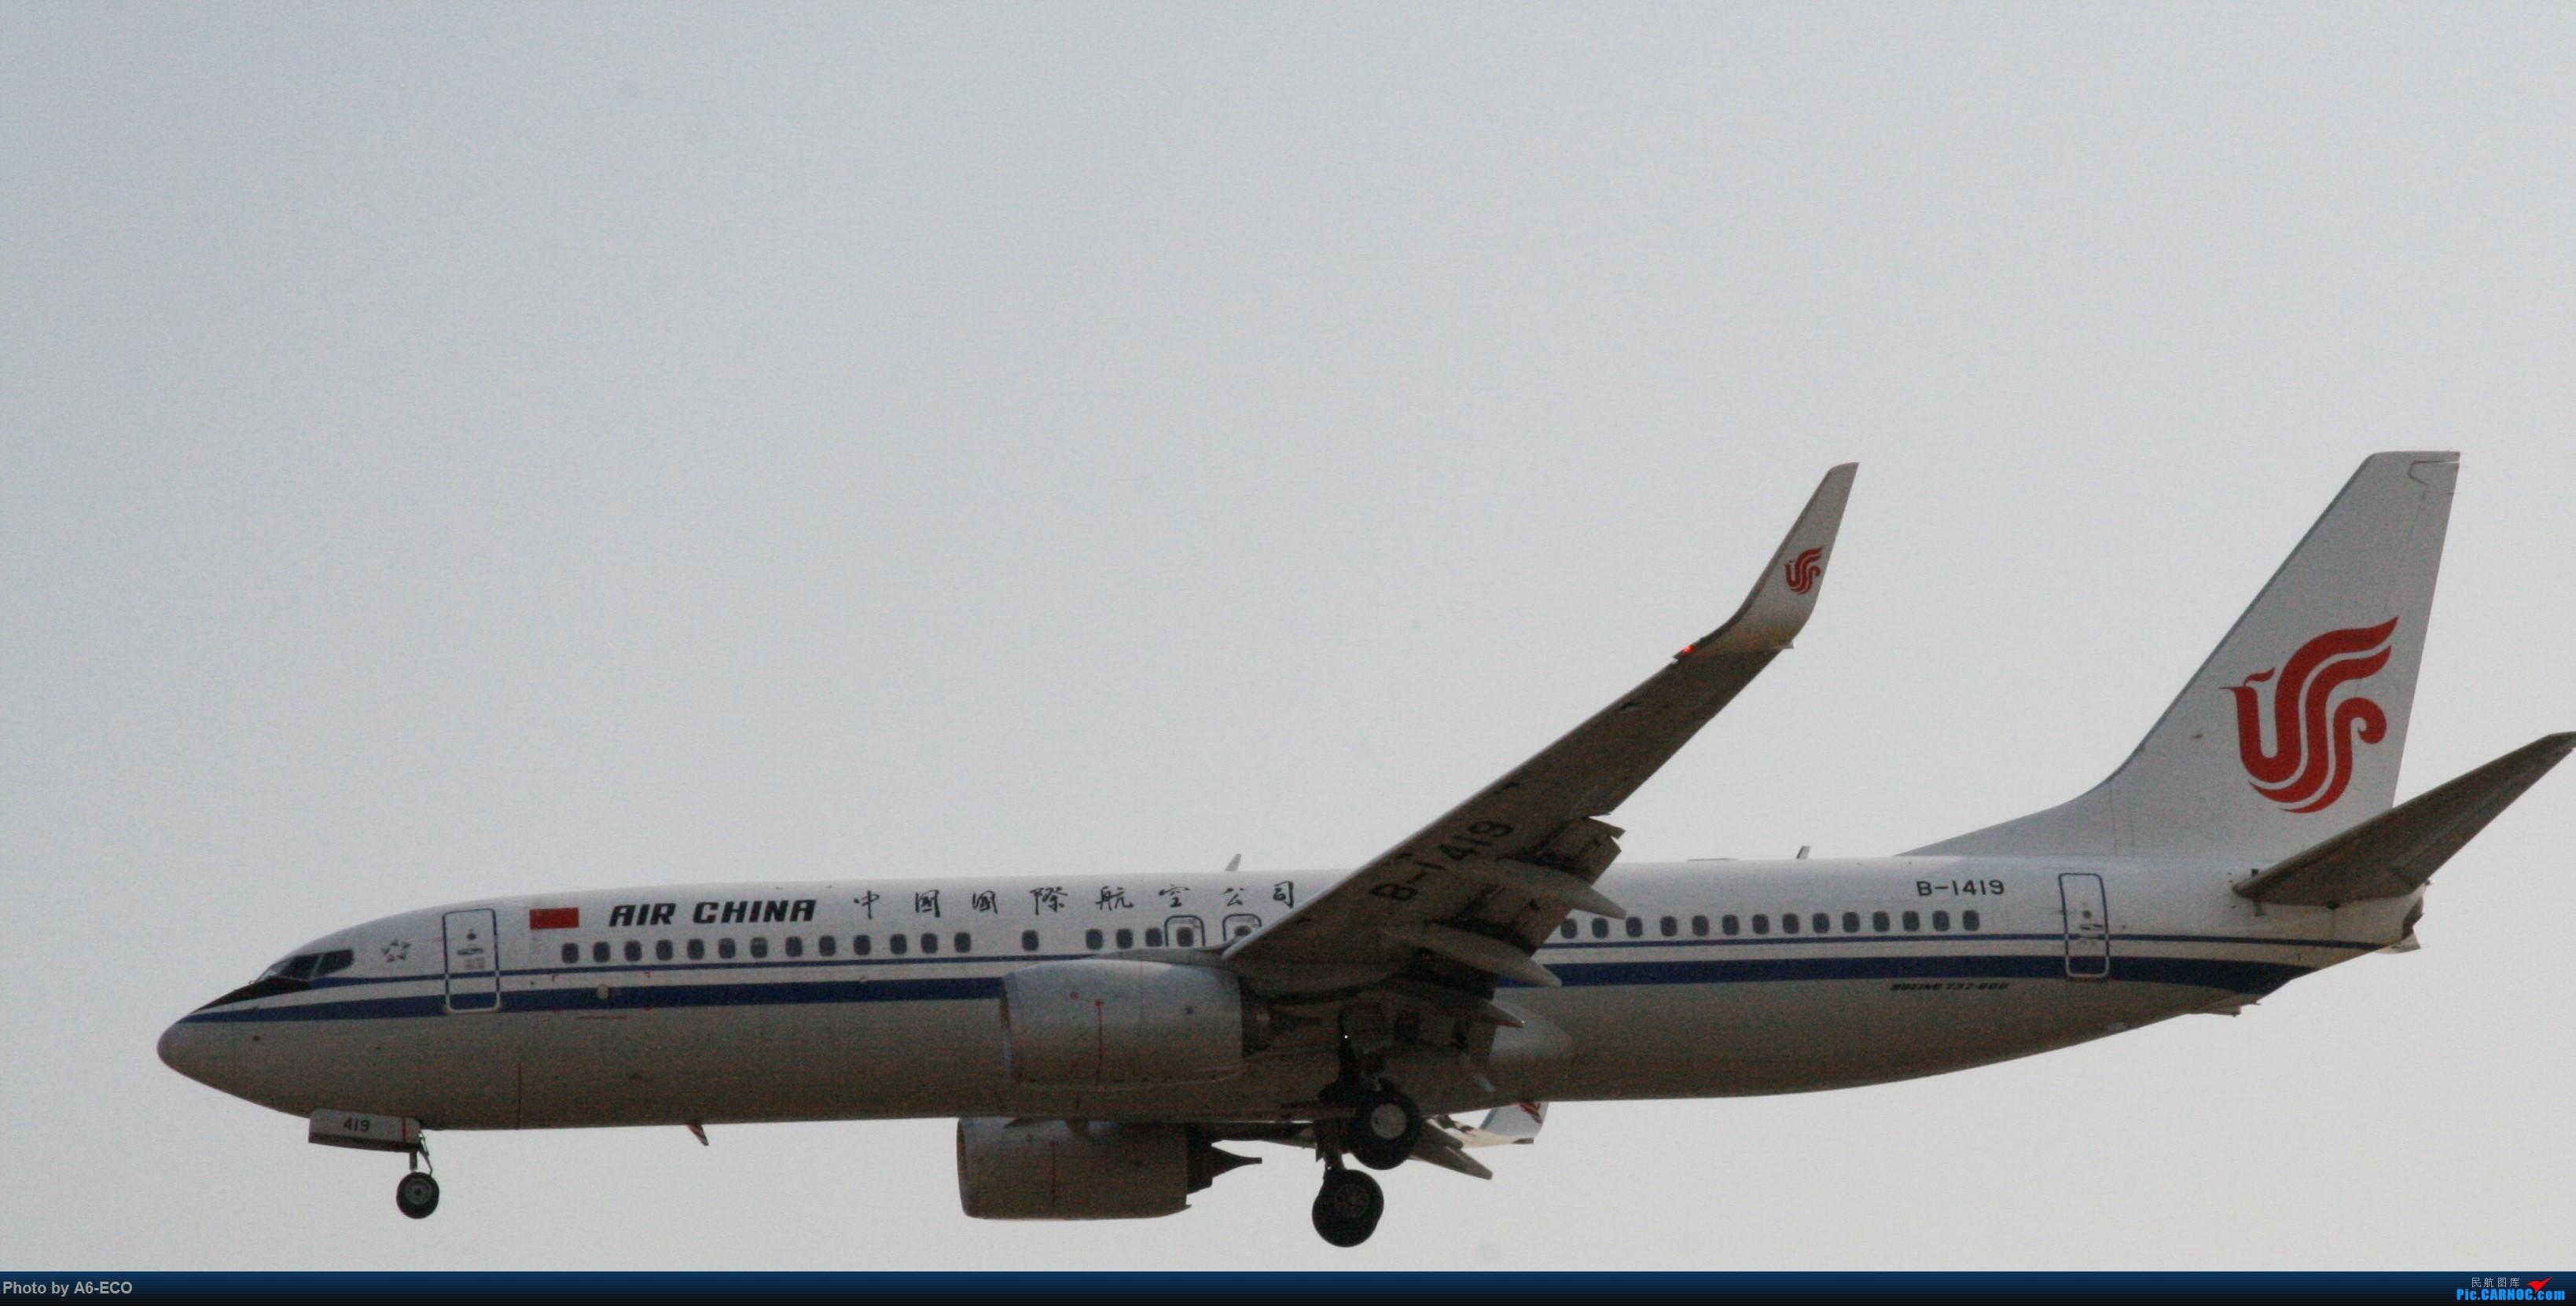 Re:[原创]大家双十一都du'o了什么?我在pek拍机 BOEING 737-800 B-1419 中国北京首都国际机场